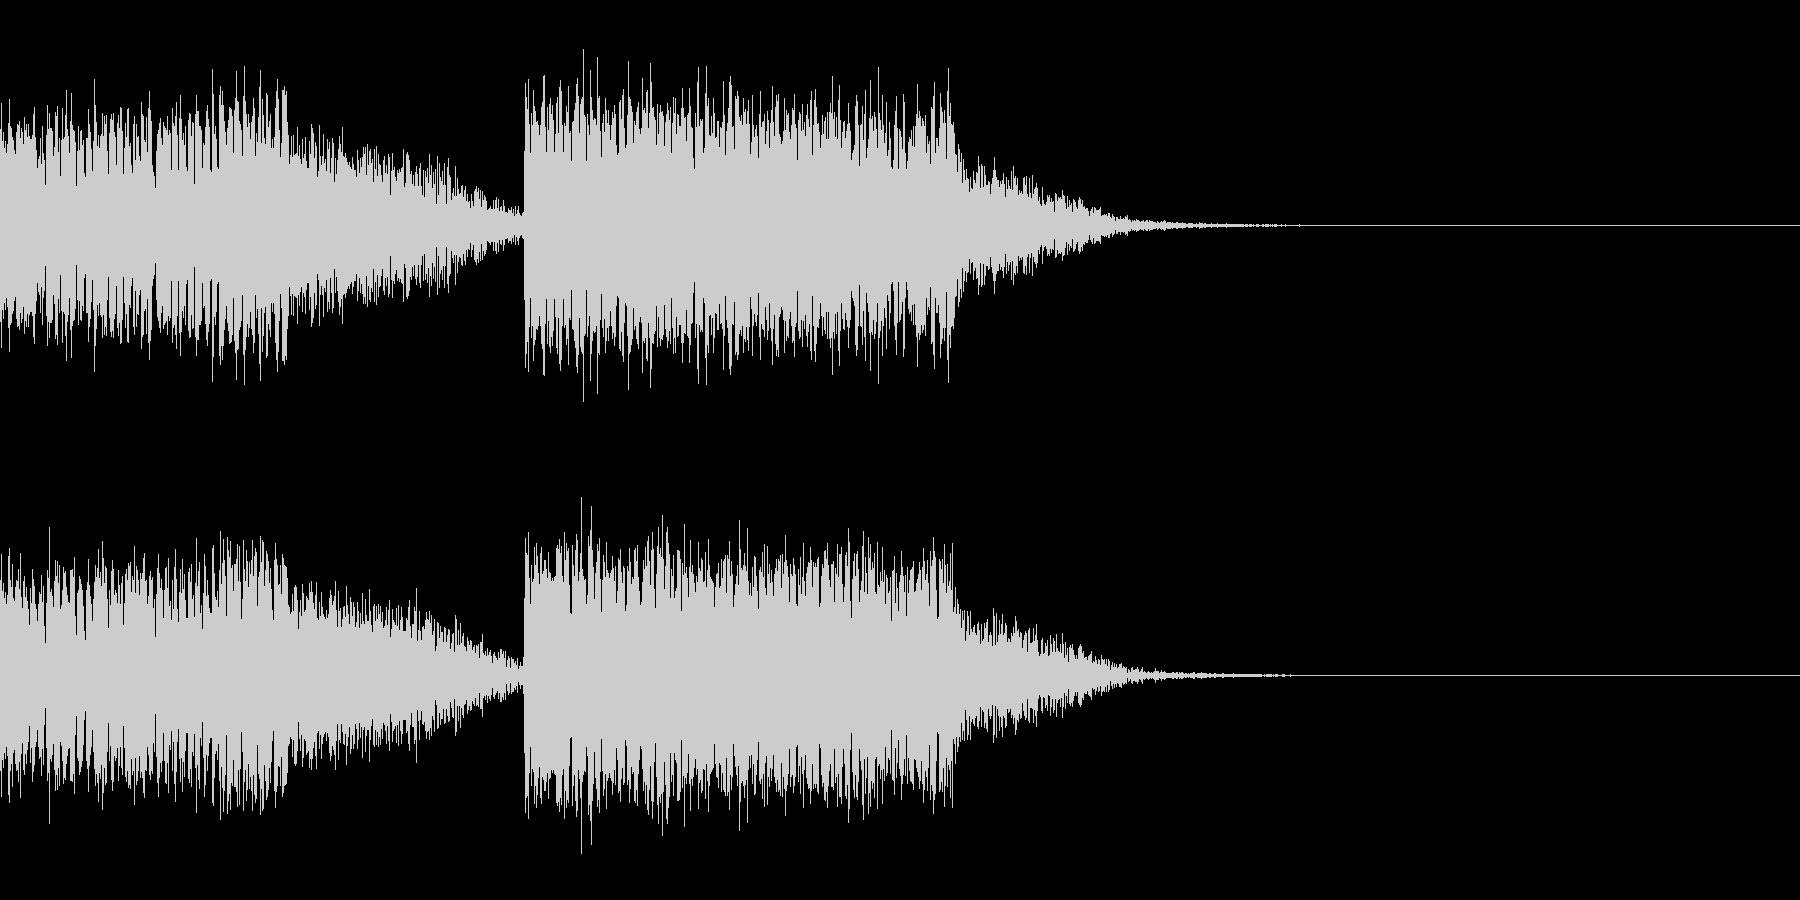 スパーク音-01の未再生の波形